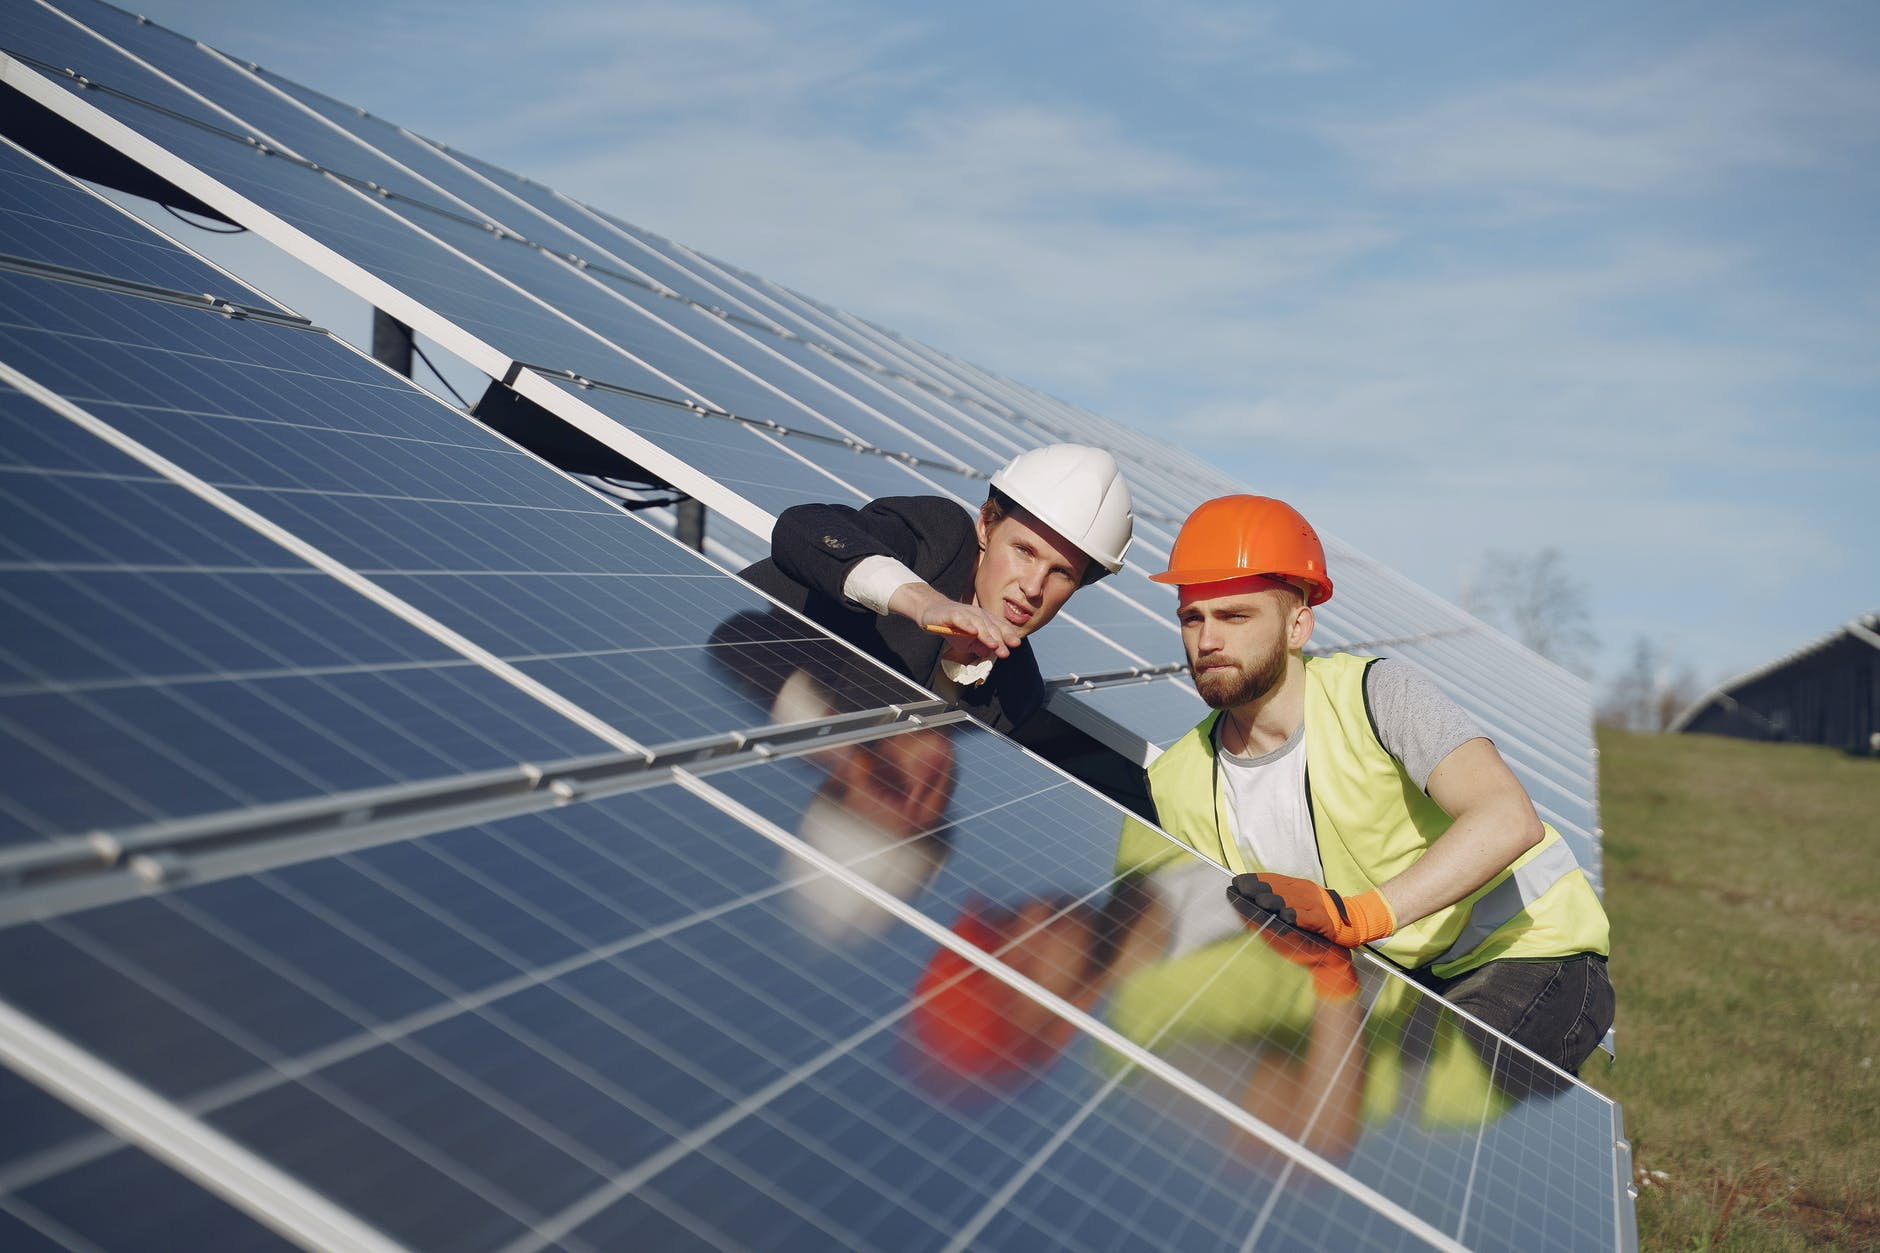 Kontrolle vor der Inbetriebnahme einer Photovoltaikanlage